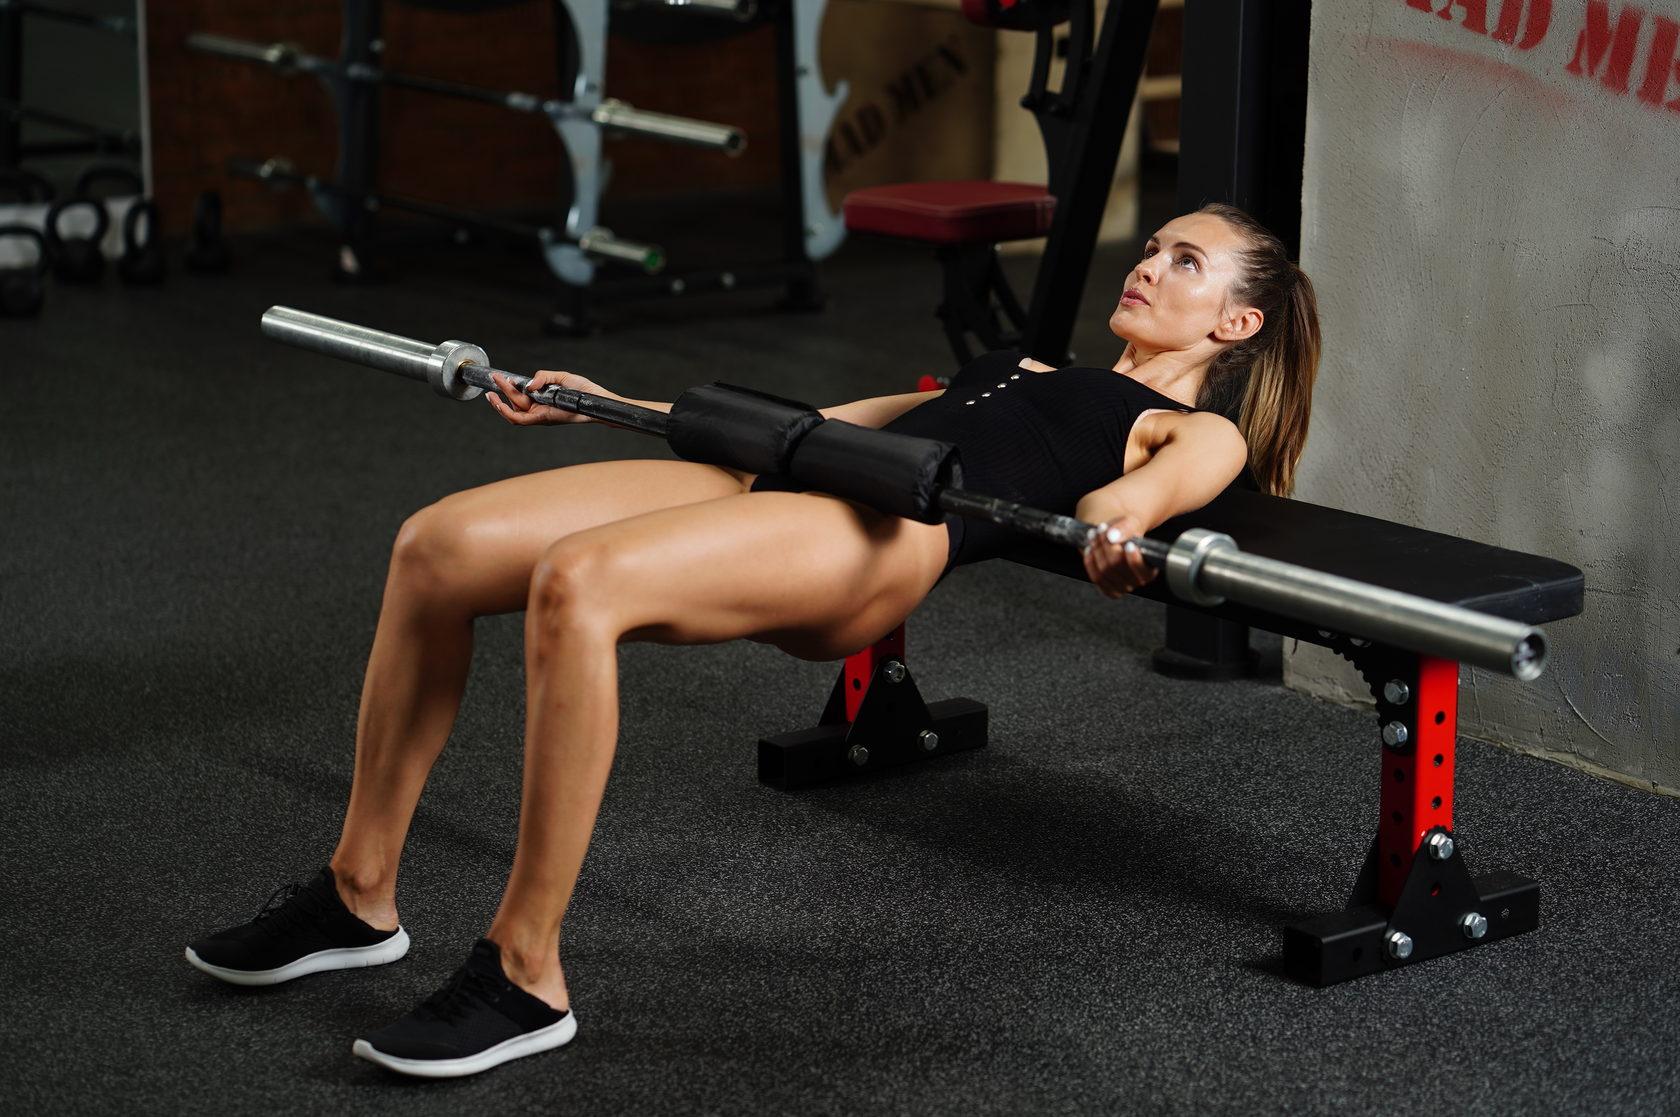 Правильные Кардионагрузки Для Похудения. Кардио тренировка для сжигания жира: как выполнять кардиотренировки для похудения